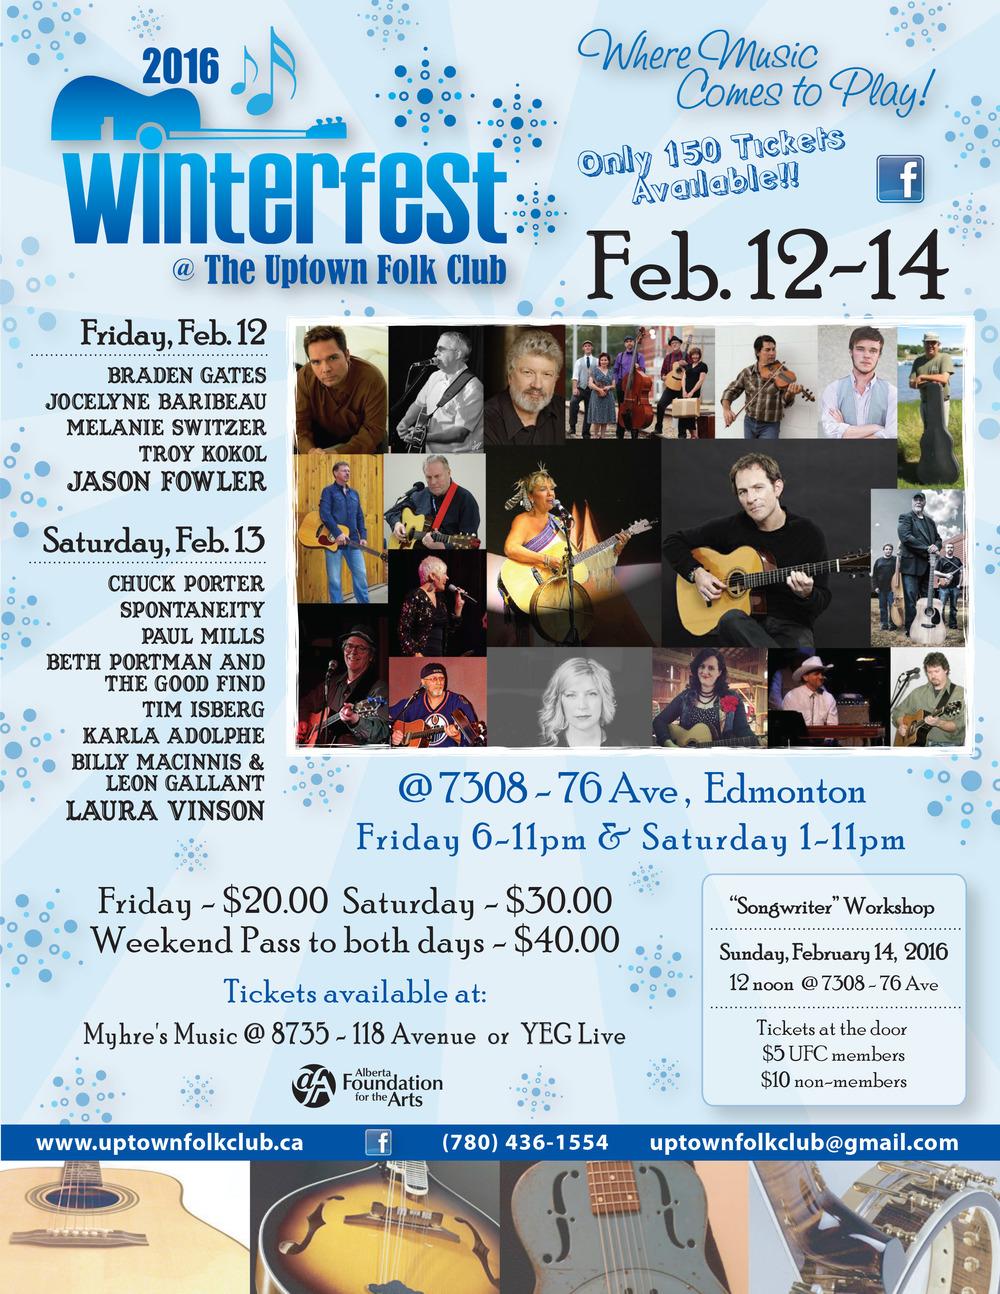 Uptown Folk Club Winterfest 2016